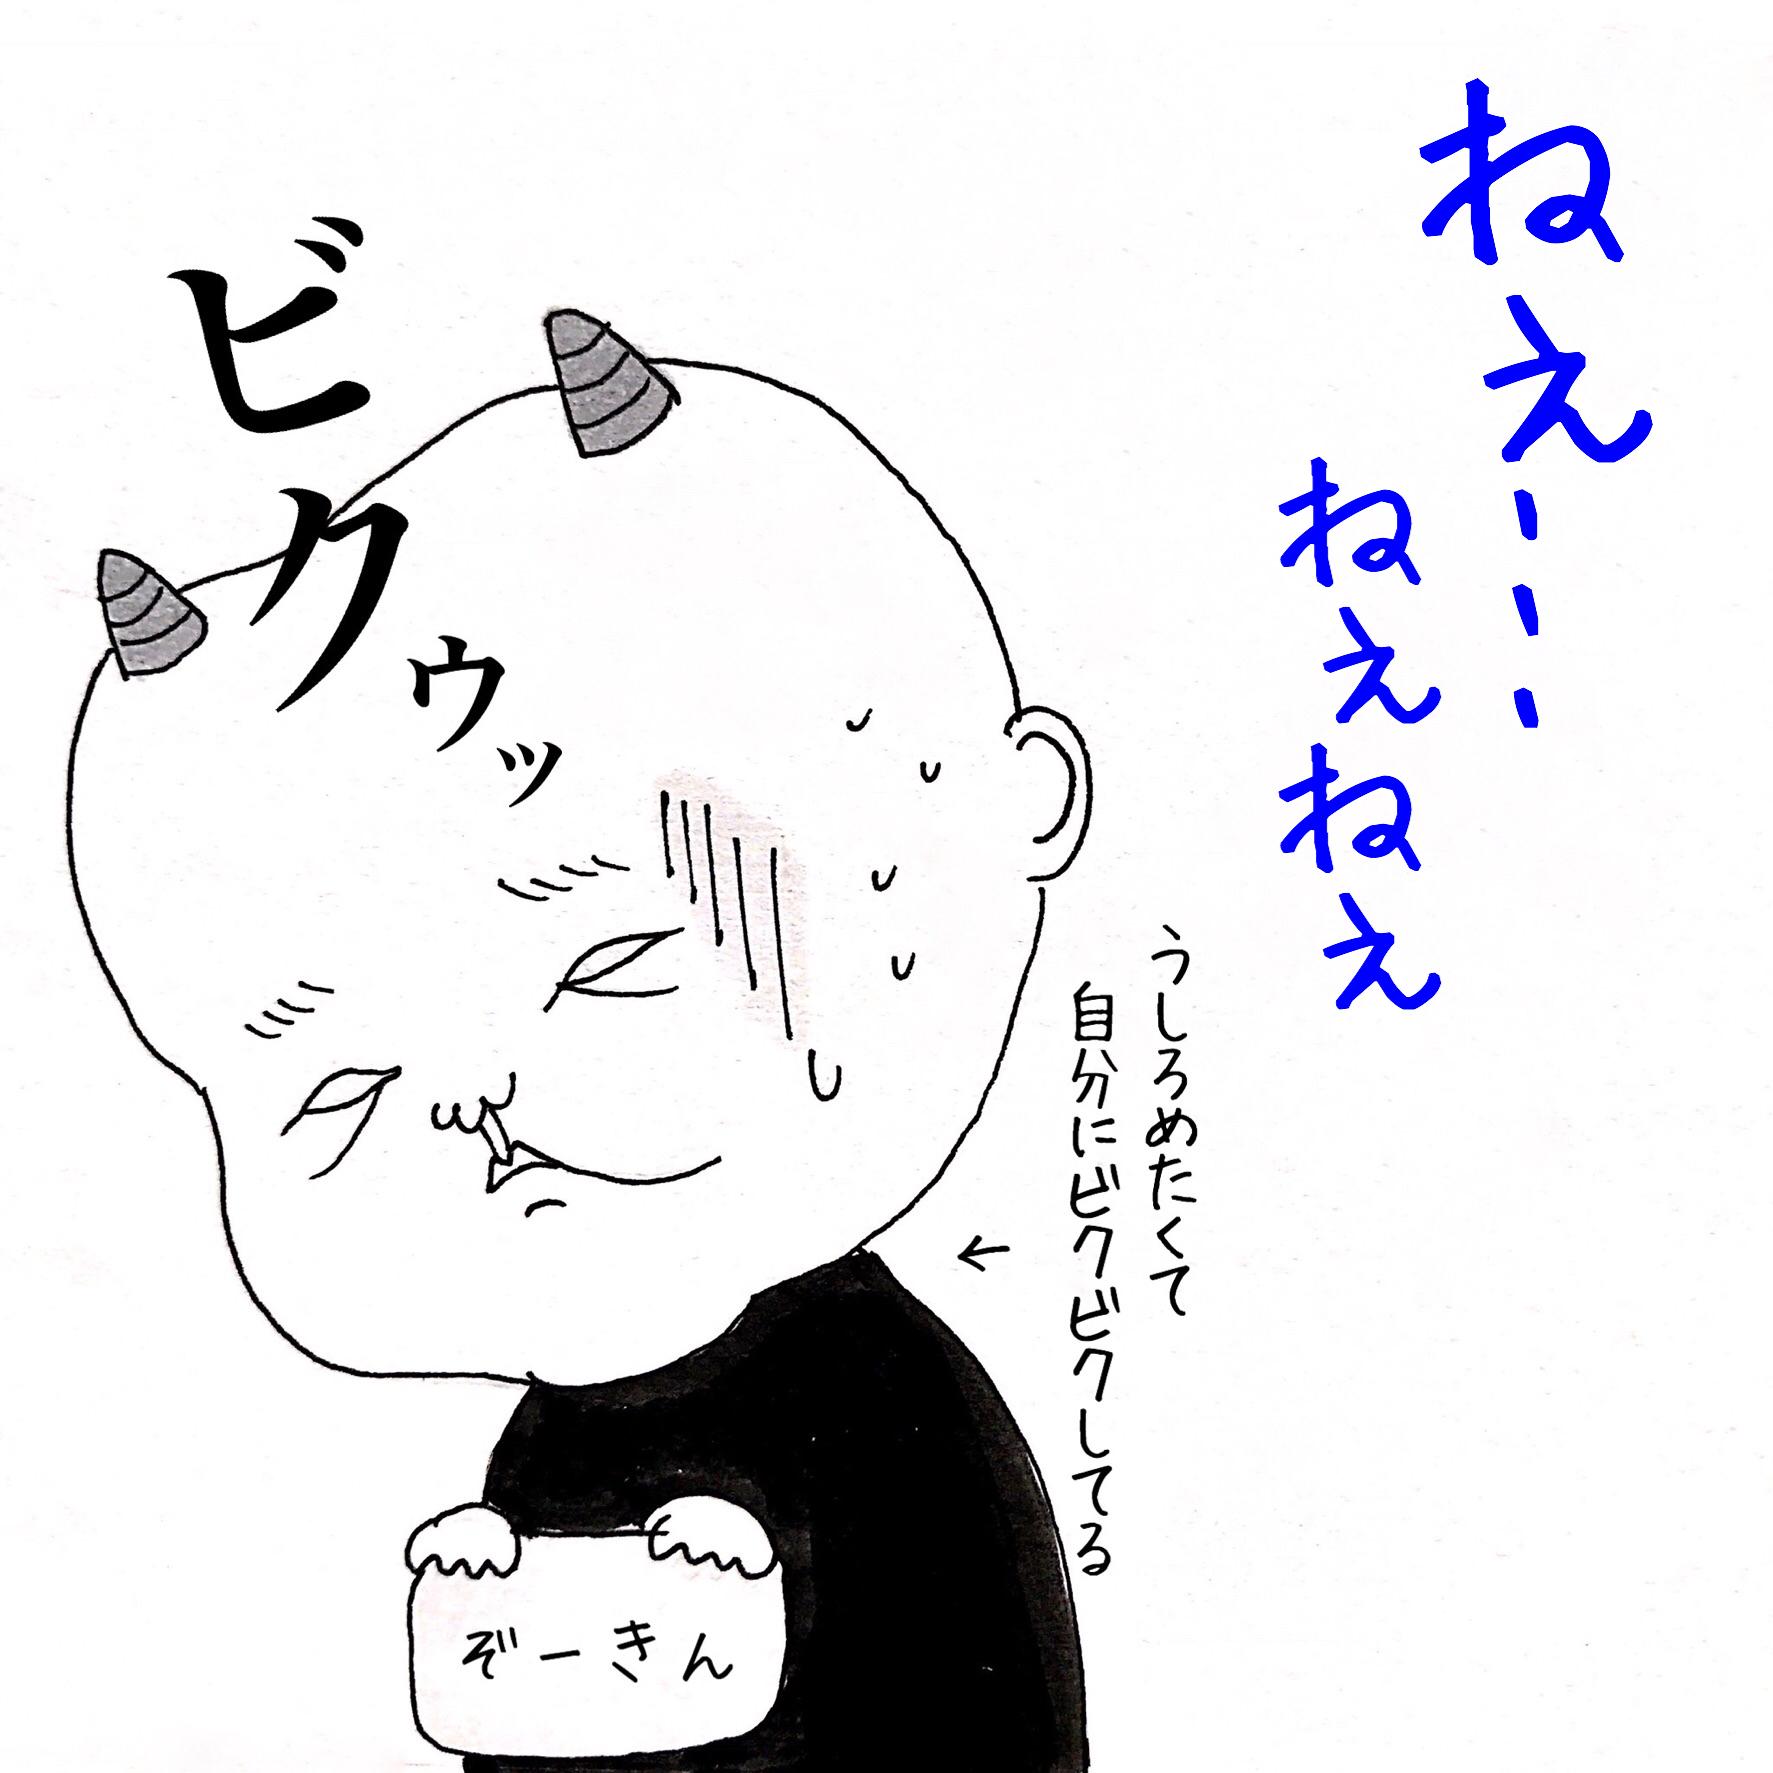 テレパシー会話漫画1